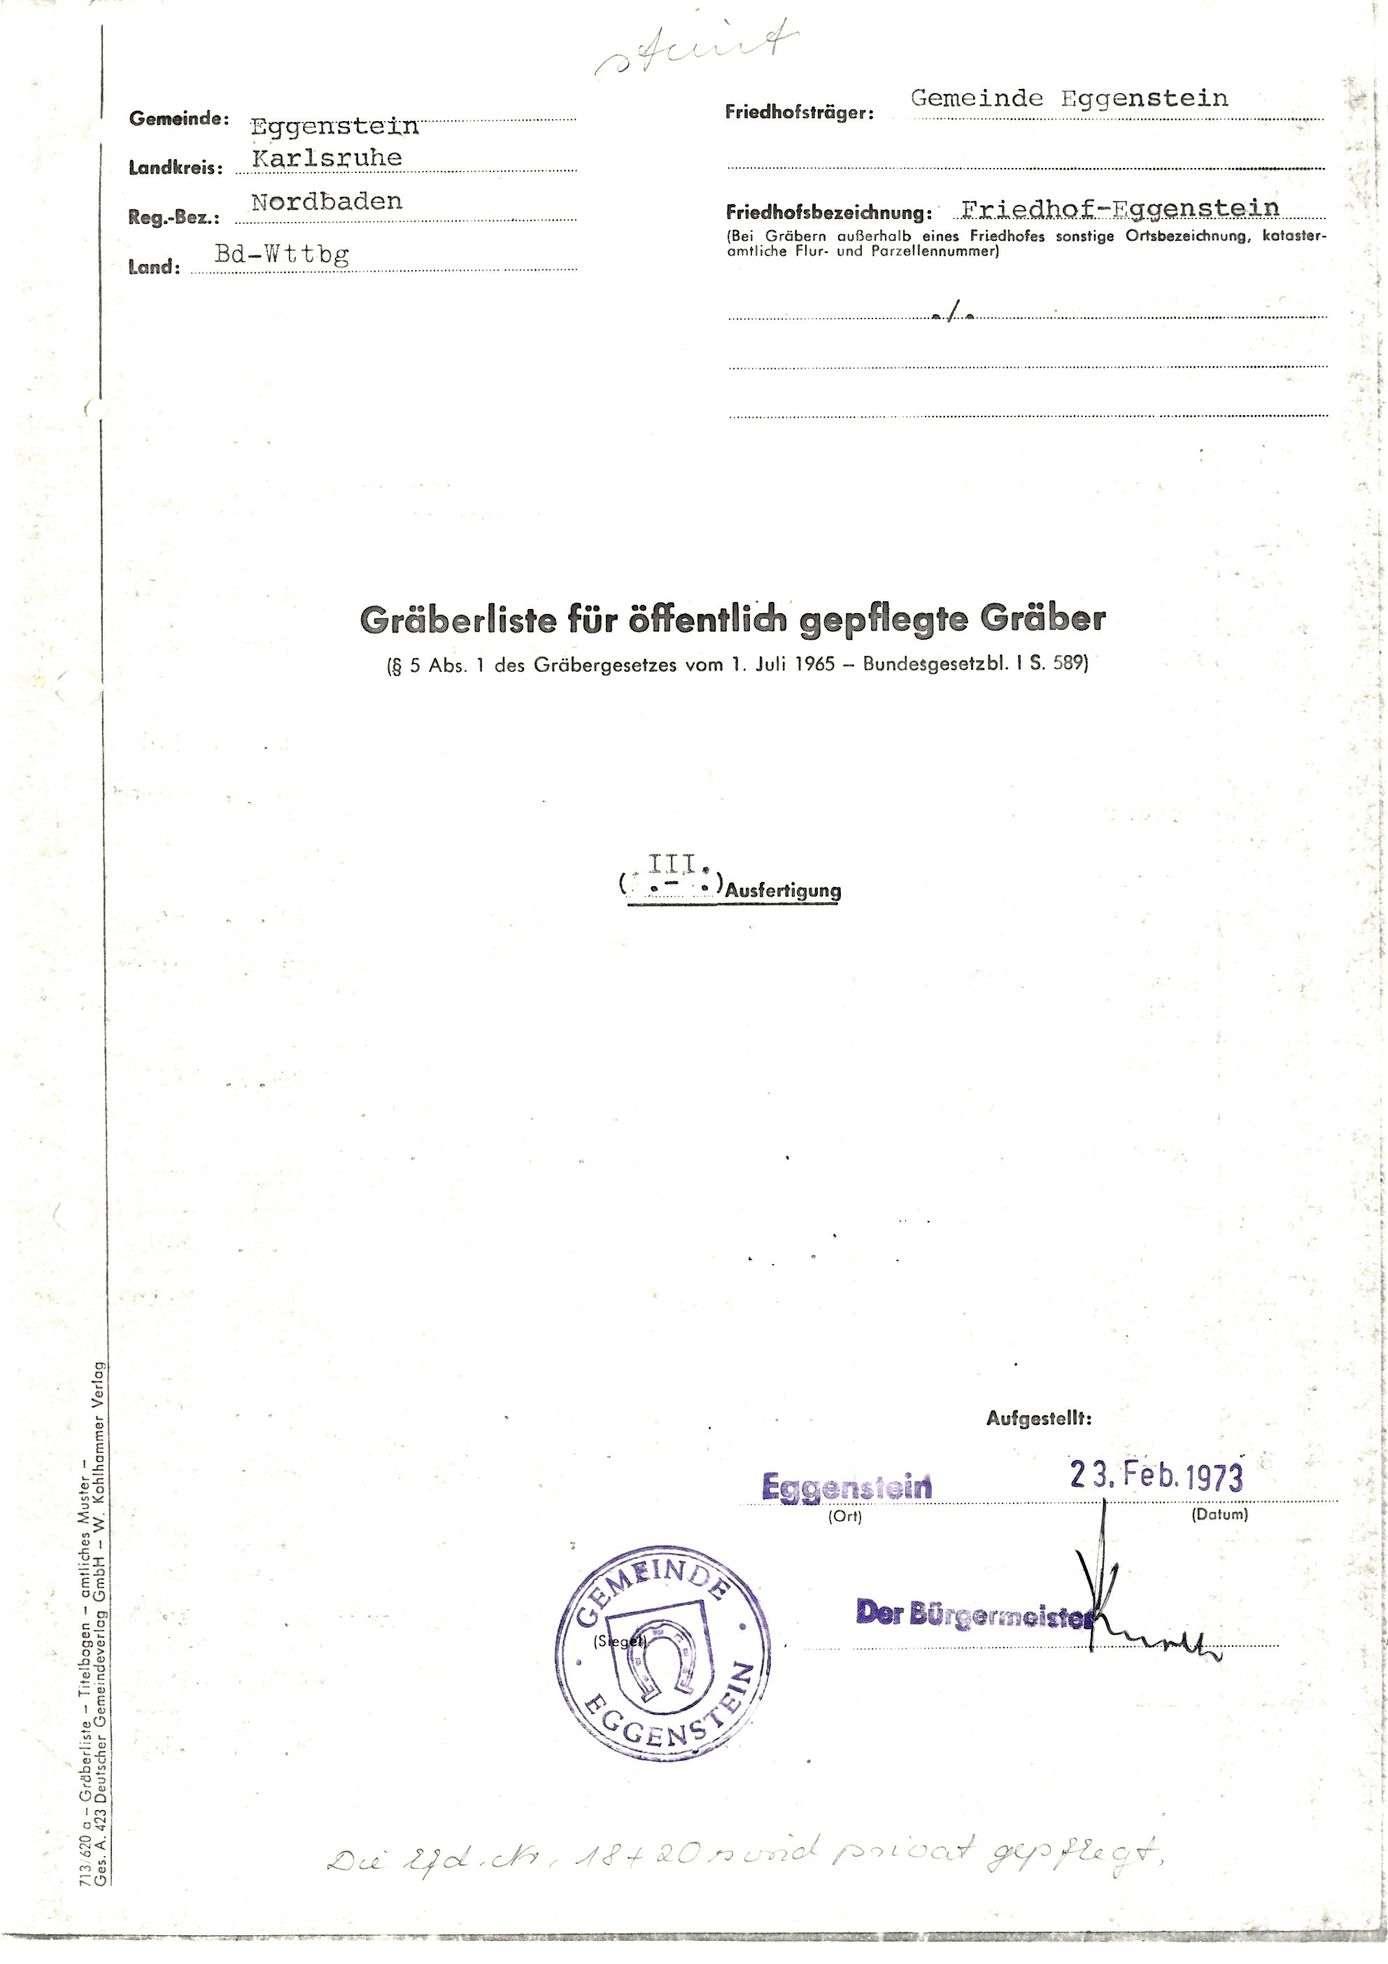 Eggenstein, Bild 1